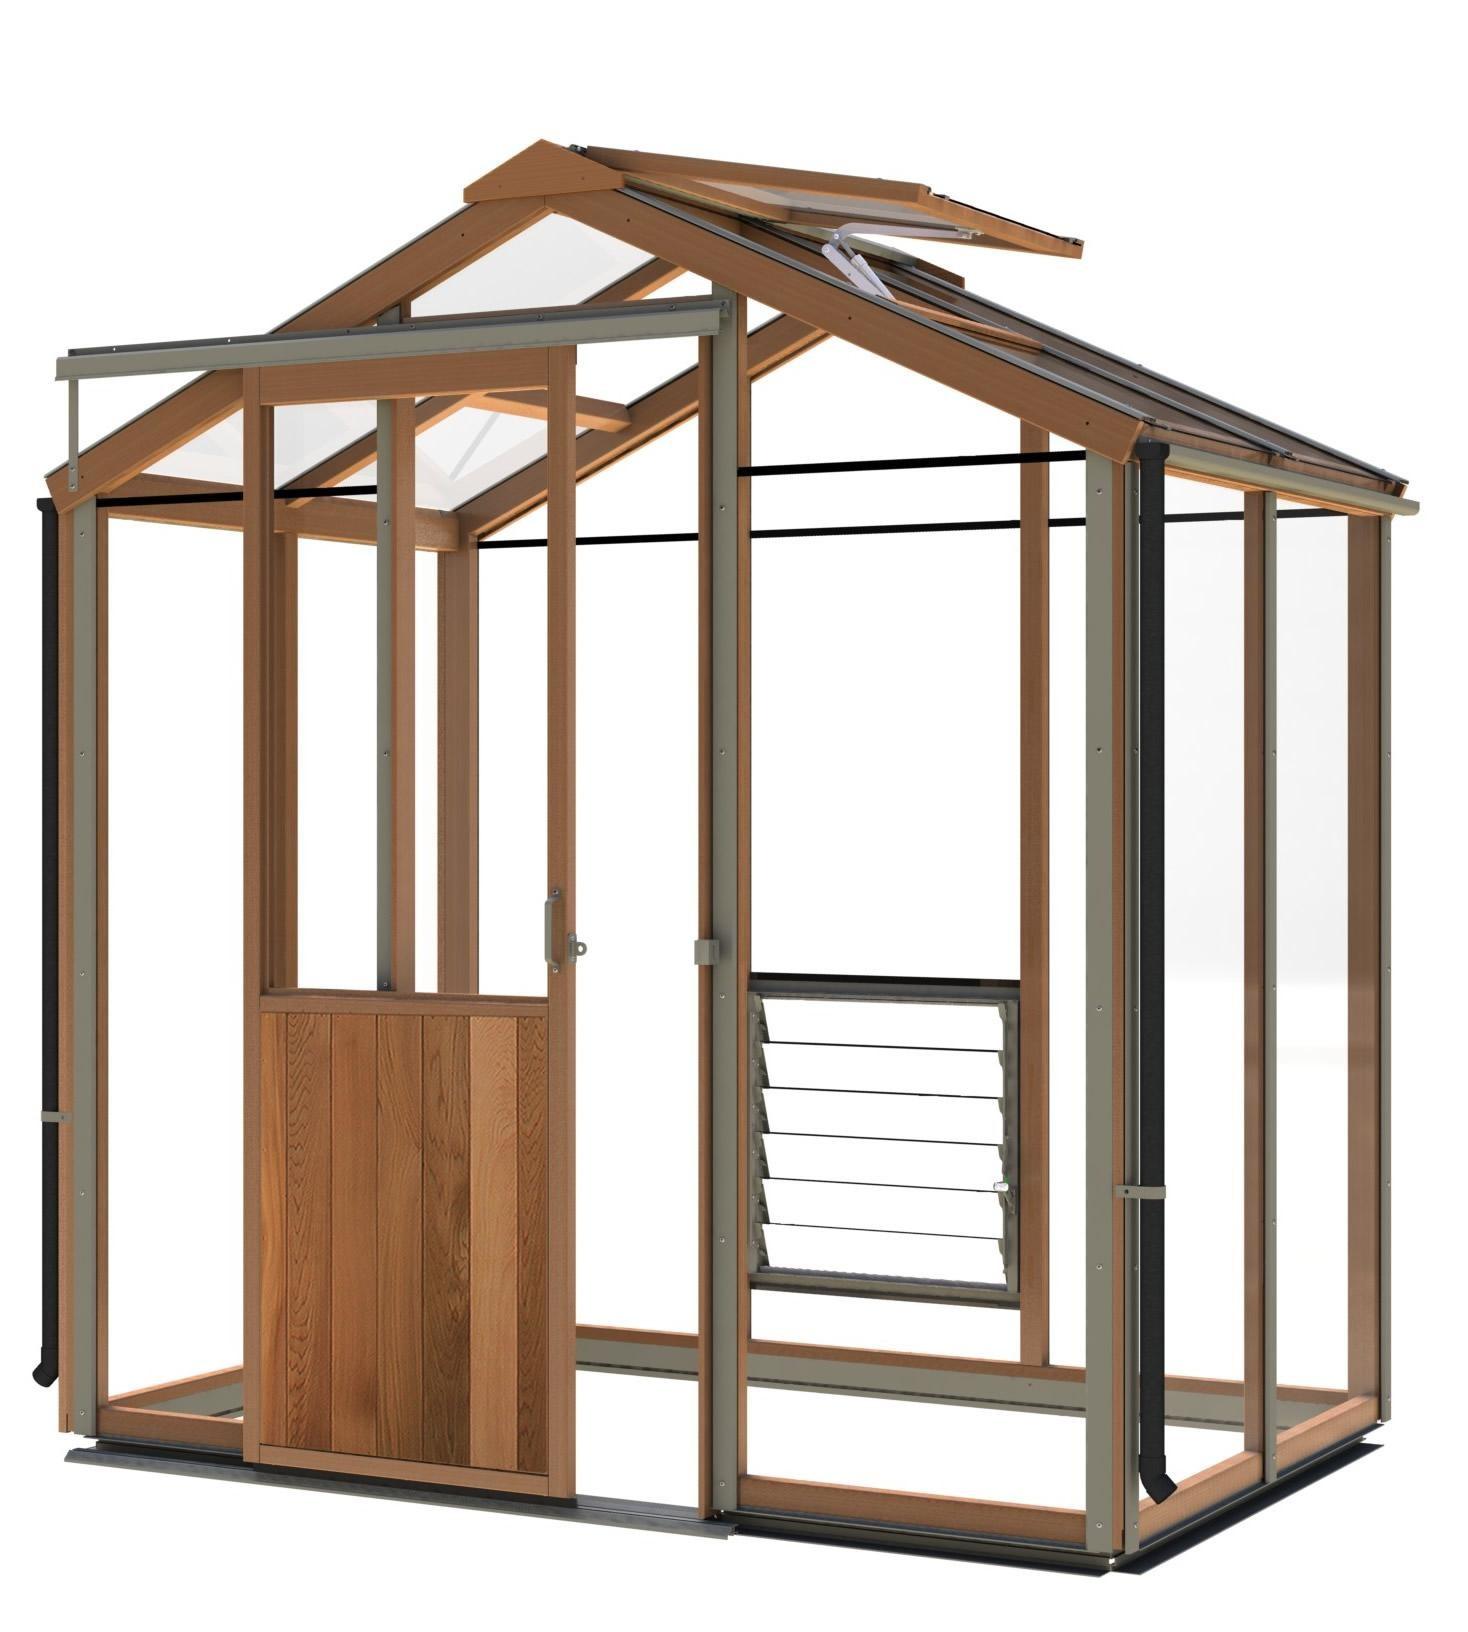 gew chshaus holz evo6 1987mm x 1346mm gew chshaus aus zedernholz mit vollausstattung. Black Bedroom Furniture Sets. Home Design Ideas